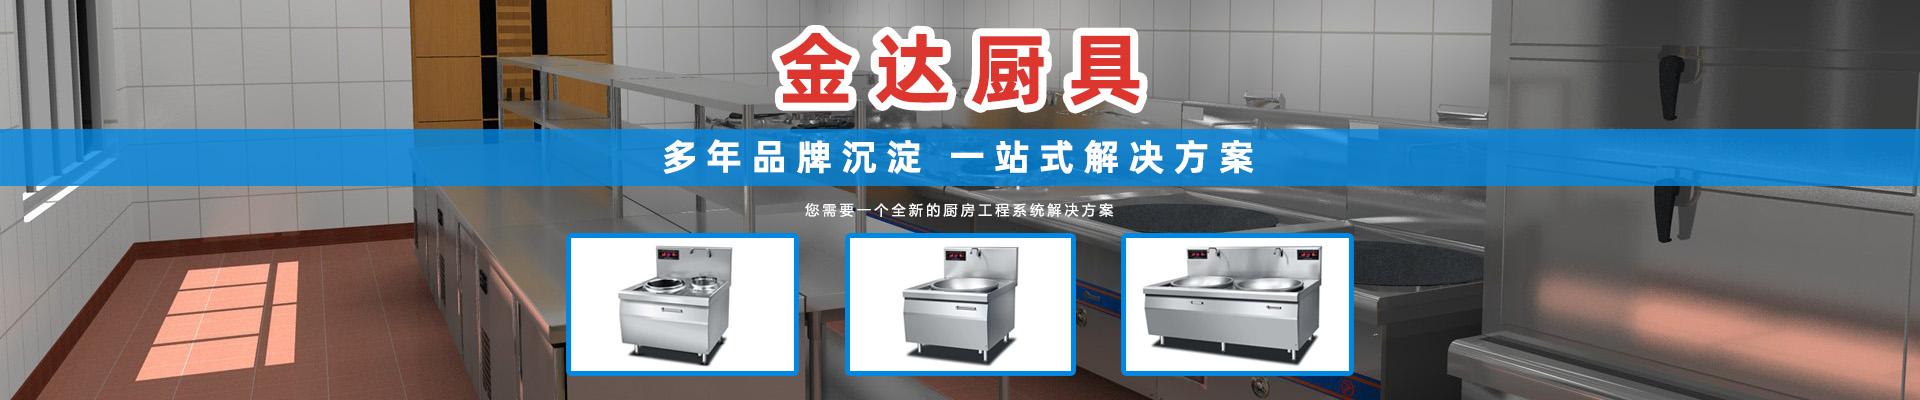 中餐厨房工程banner